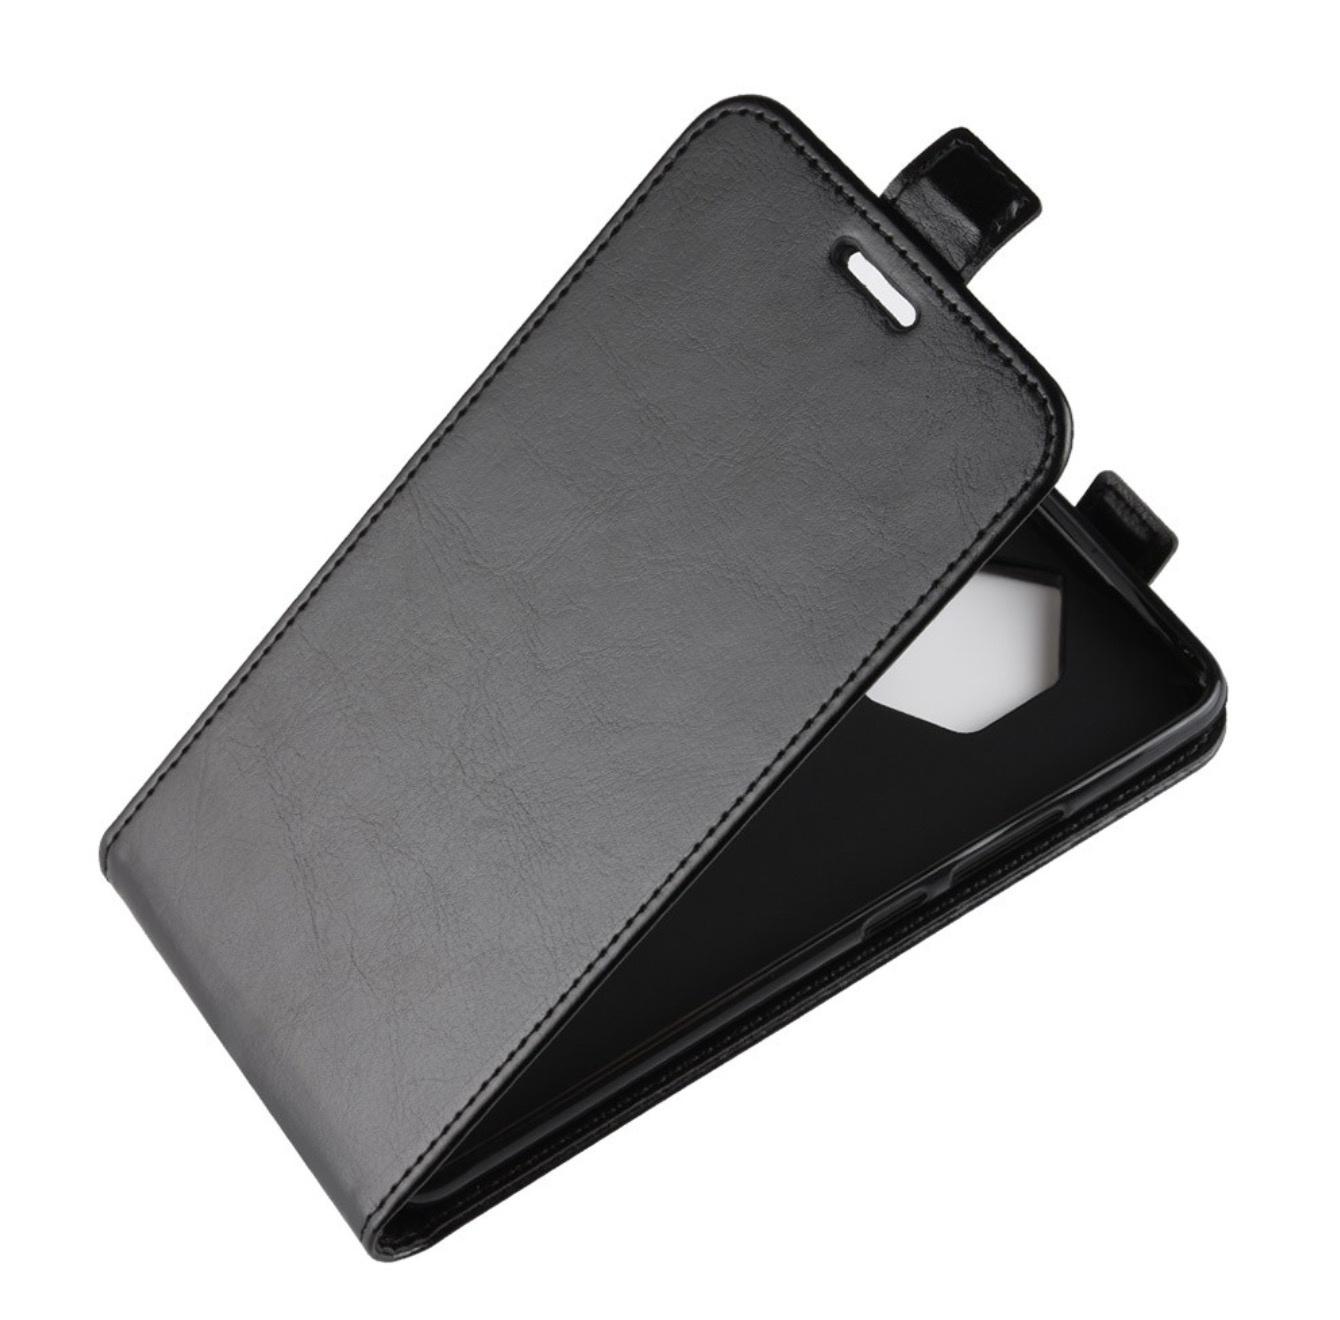 Чехол-флип MyPads для Nokia X Dual sim вертикальный откидной черный